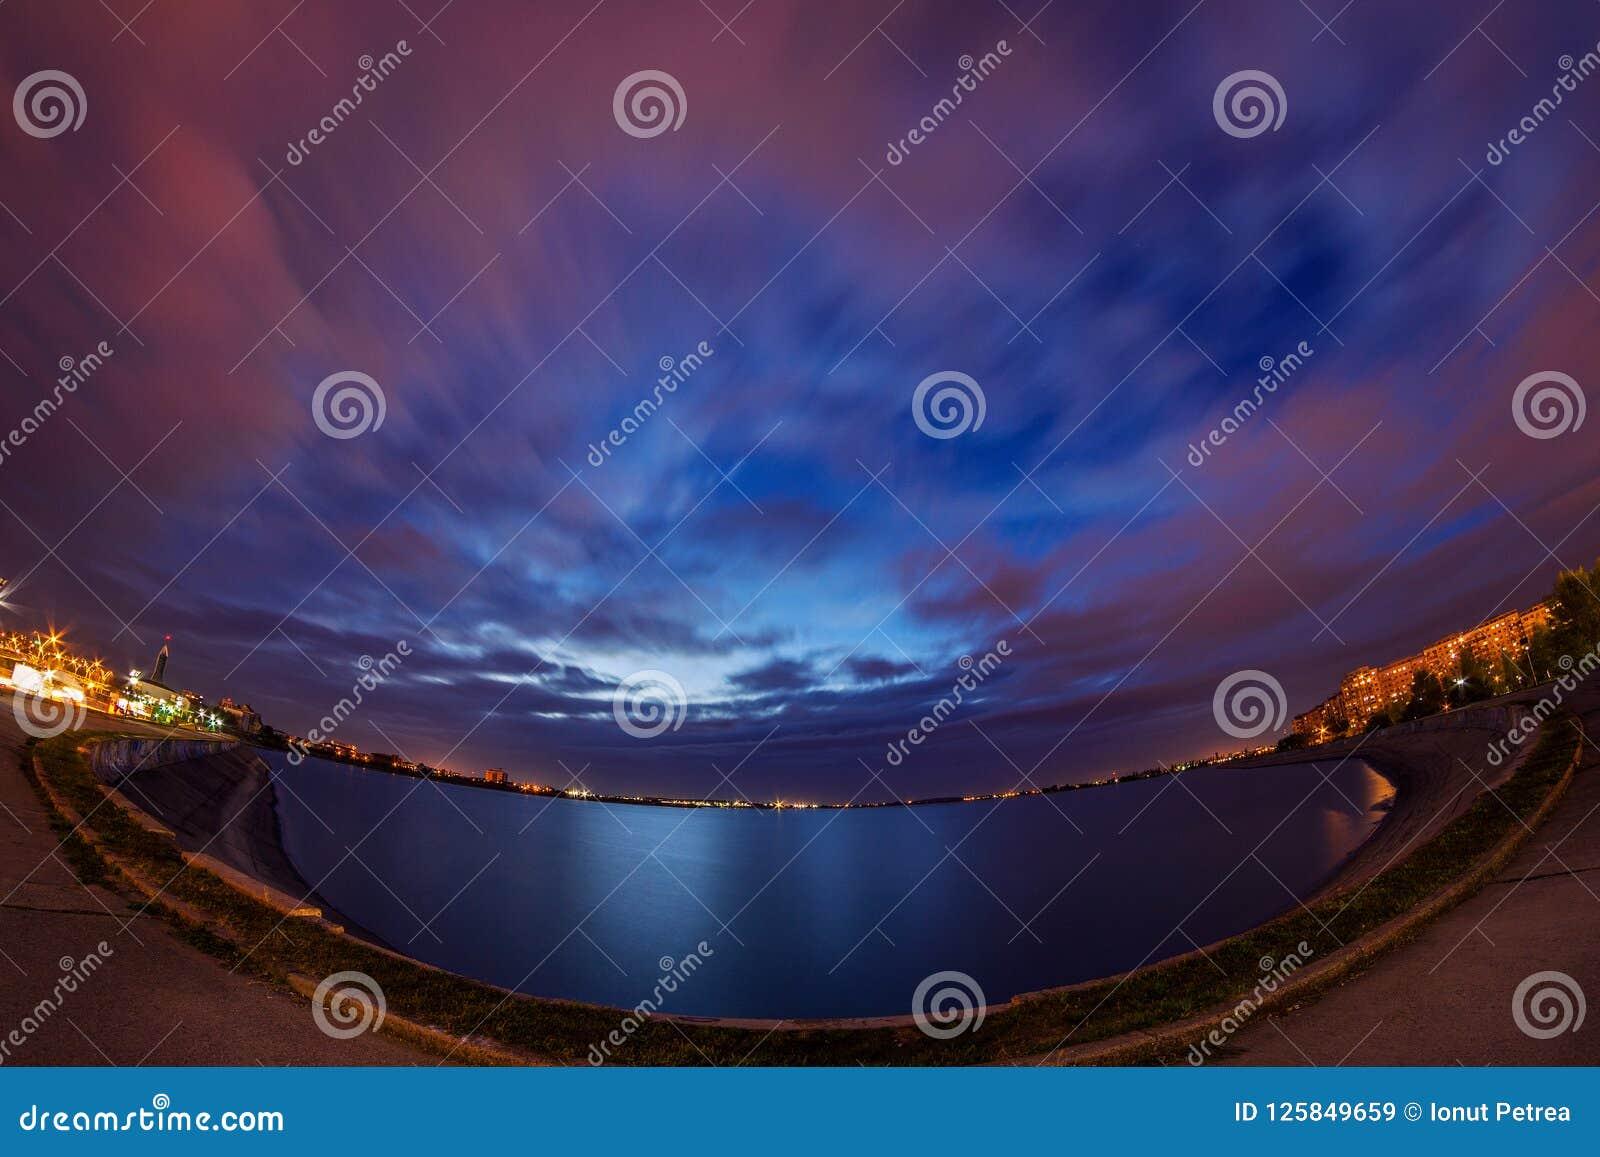 Lange Belichtung der städtischen Nachtszene mit Wolken auf drastischem Himmel und